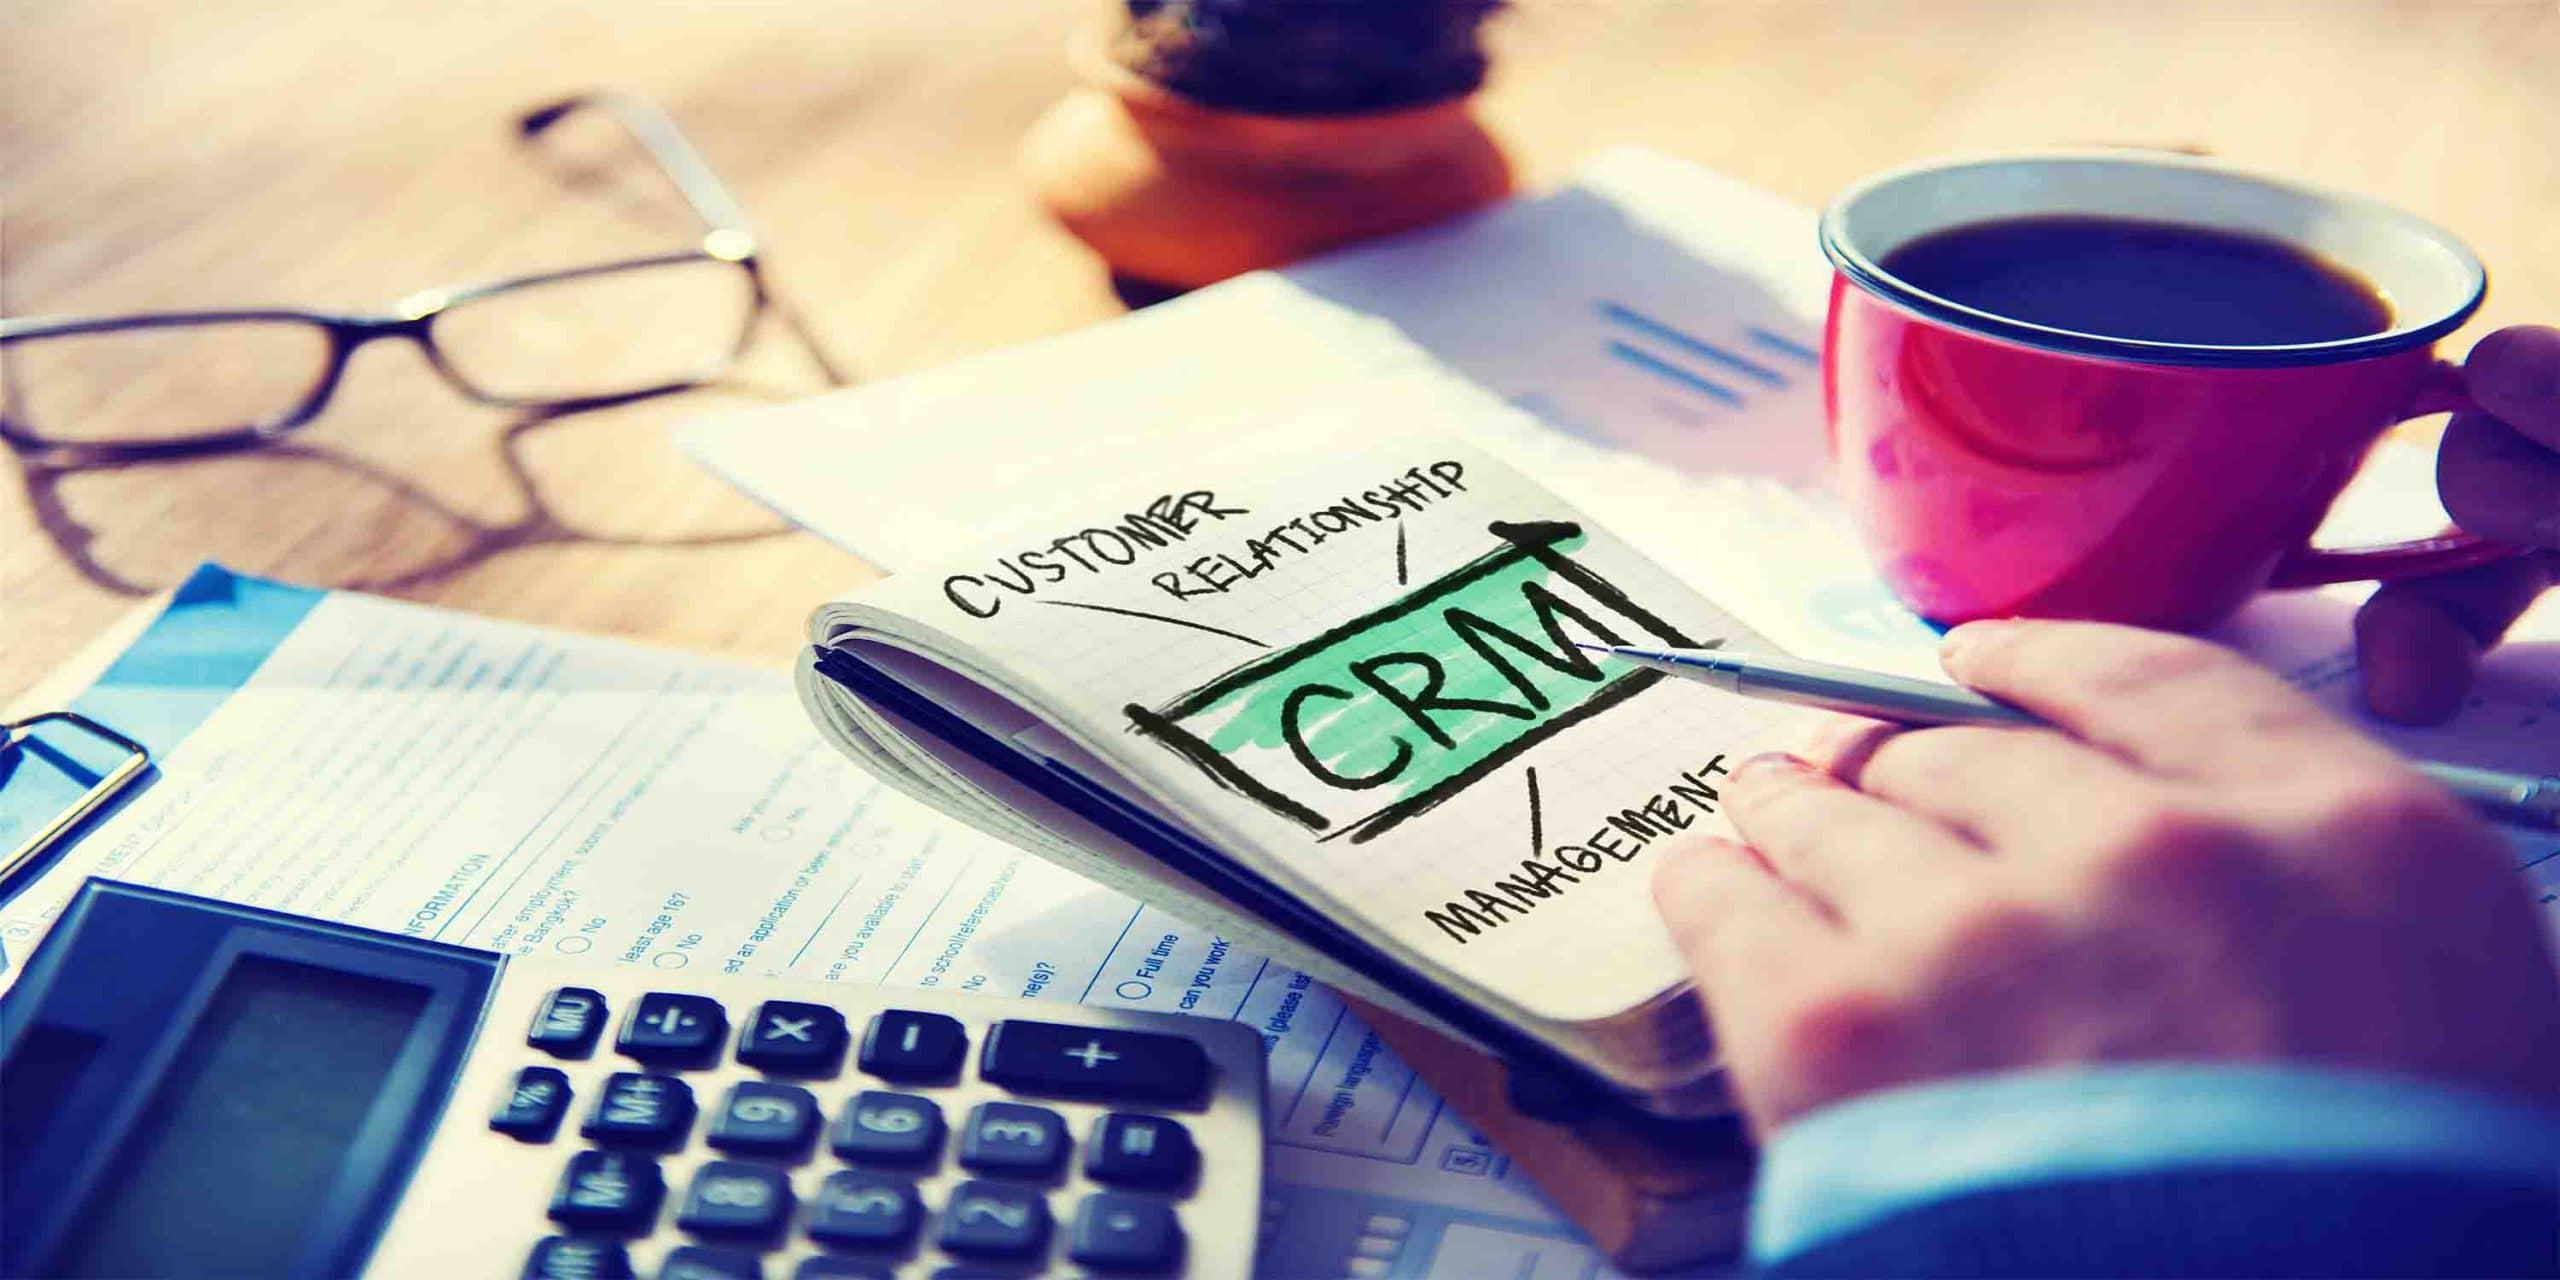 יד עם עט רושמת CRM